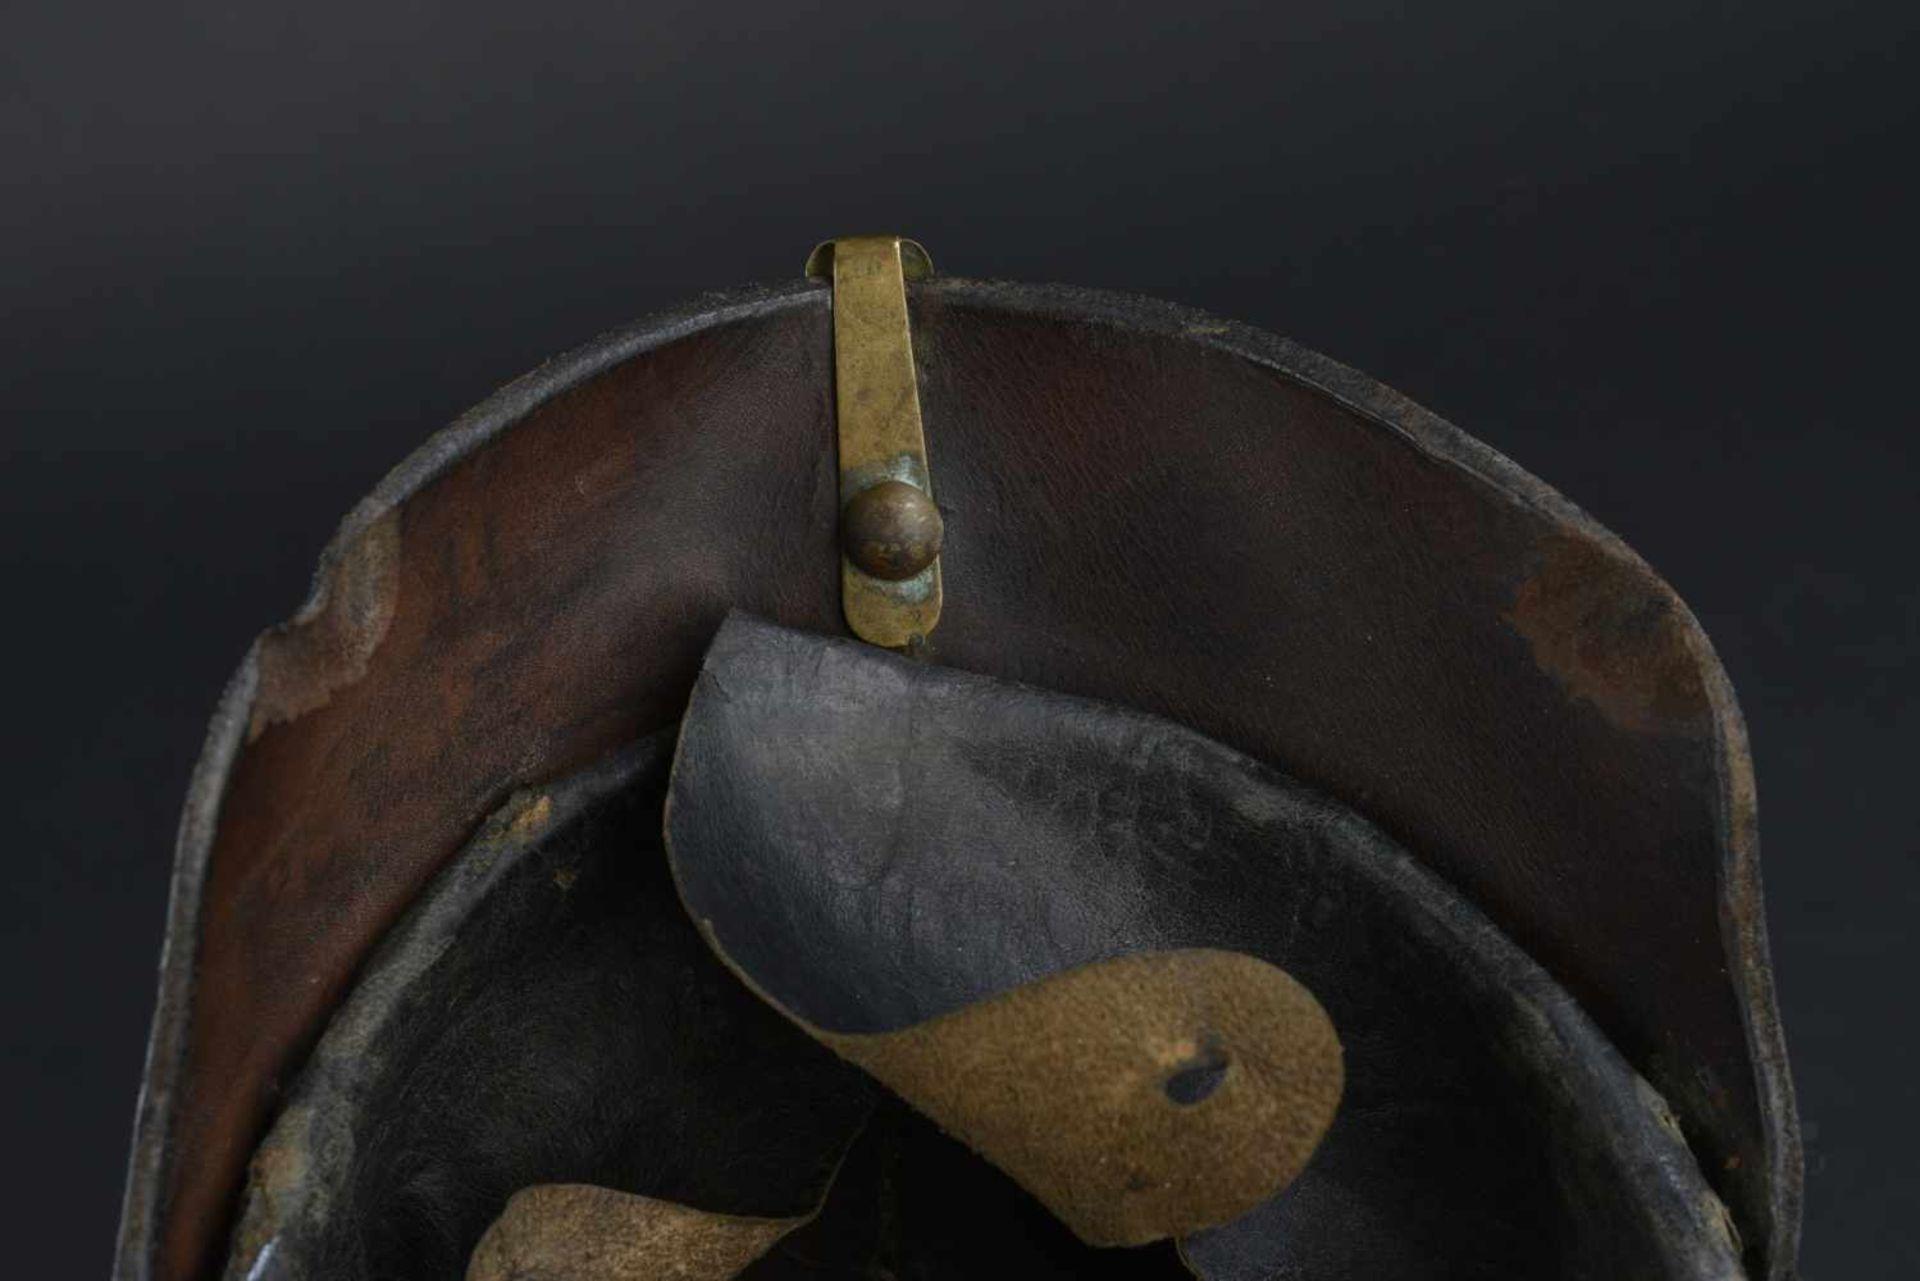 Casque badois 1895 Bombe en cuir, légèrement craquelée. Plaque badoise d origine. Bonnes cocardes. - Bild 2 aus 4